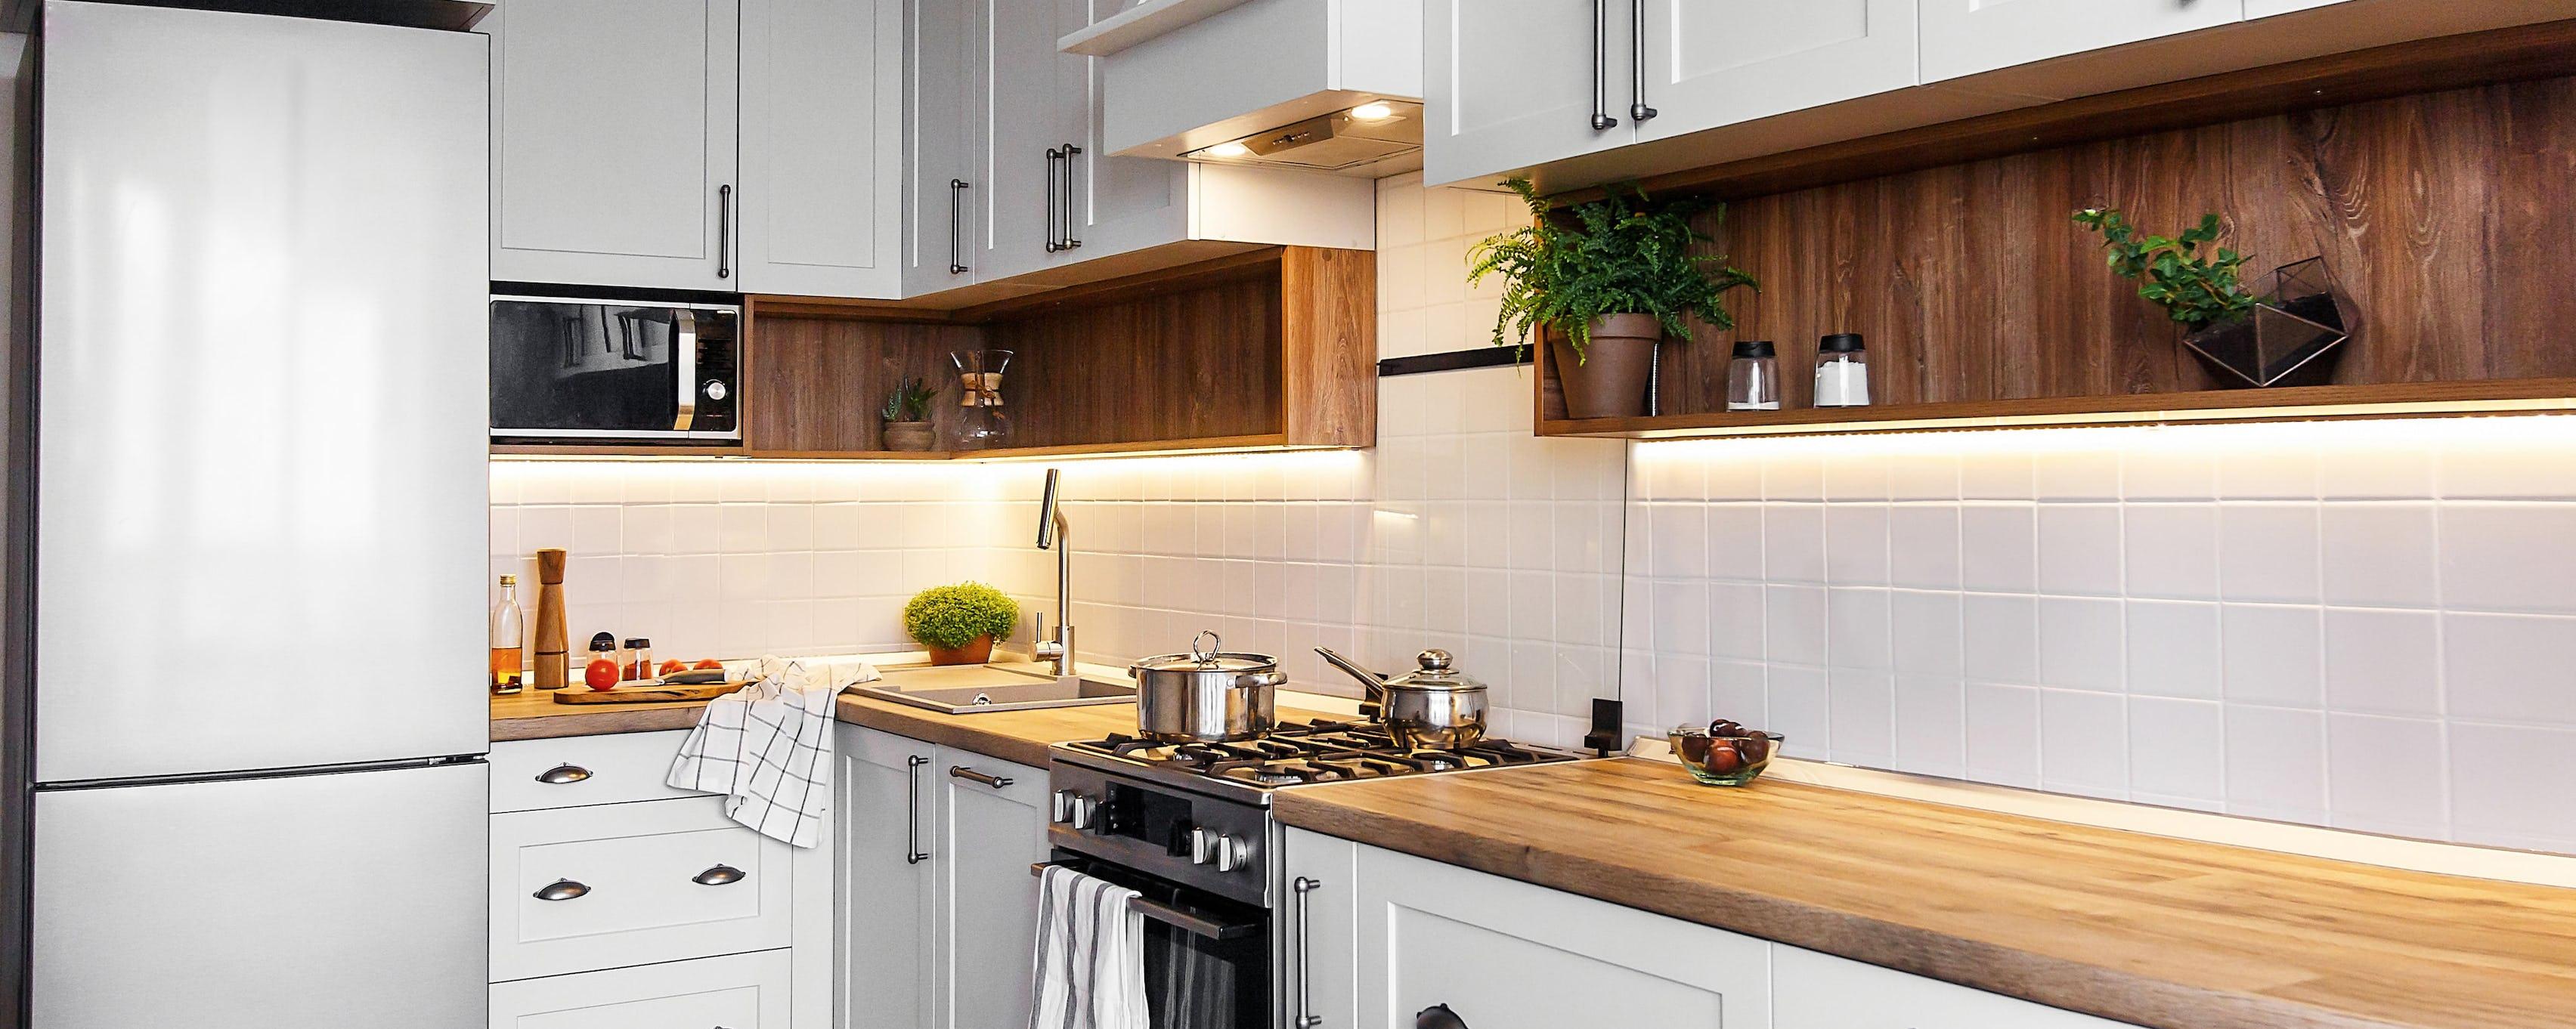 Peindre Plan De Travail En Bois quel home staging pour meuble de cuisine ?